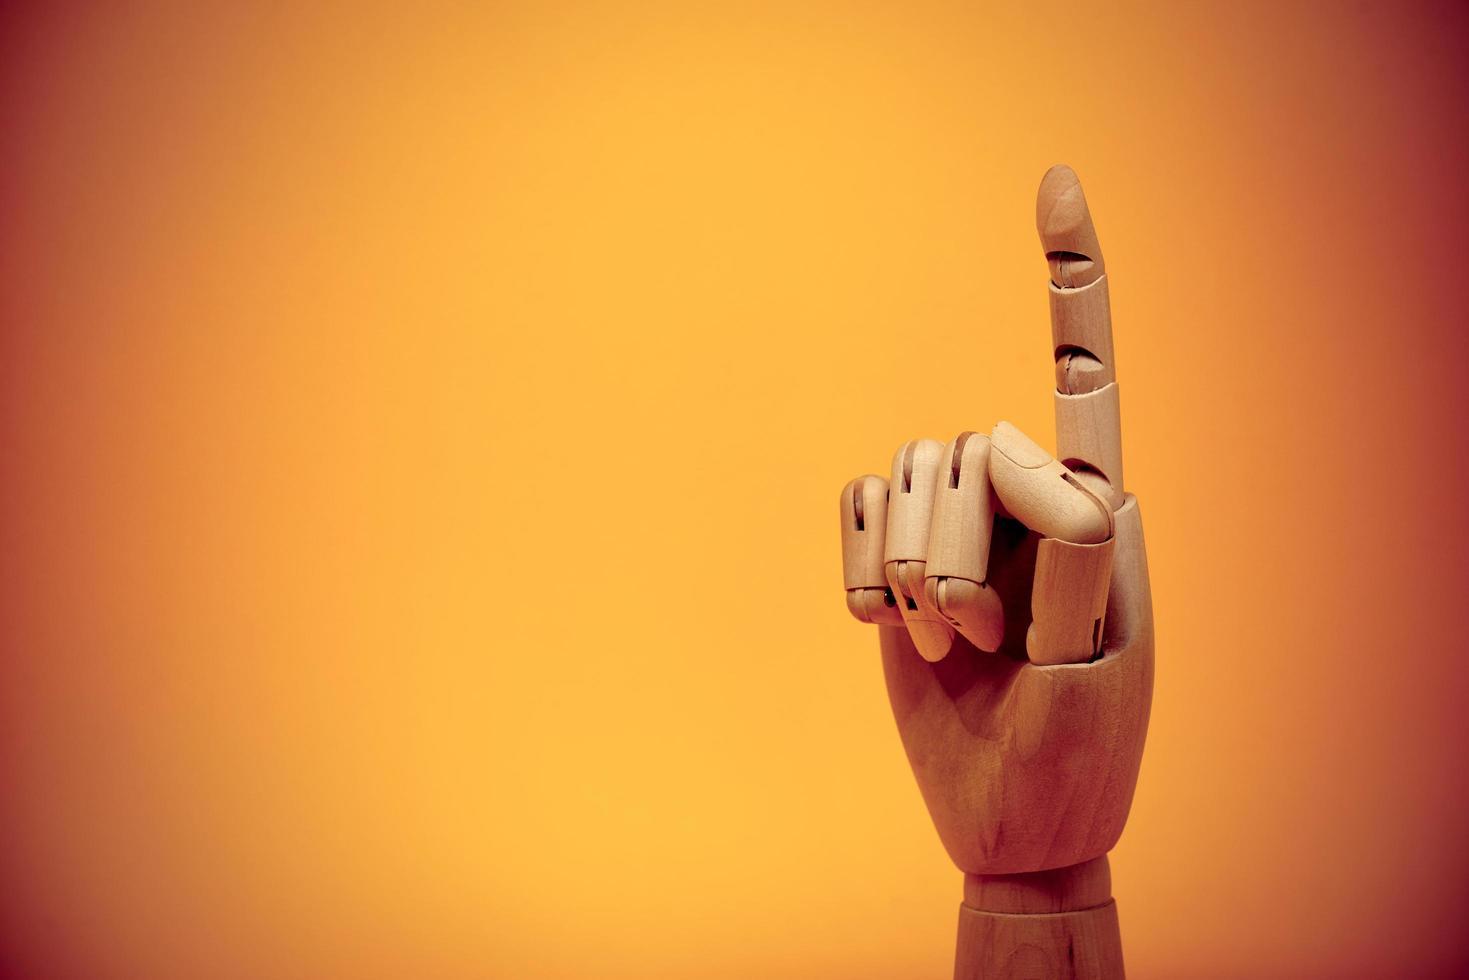 dedo de madera apuntando hacia arriba foto